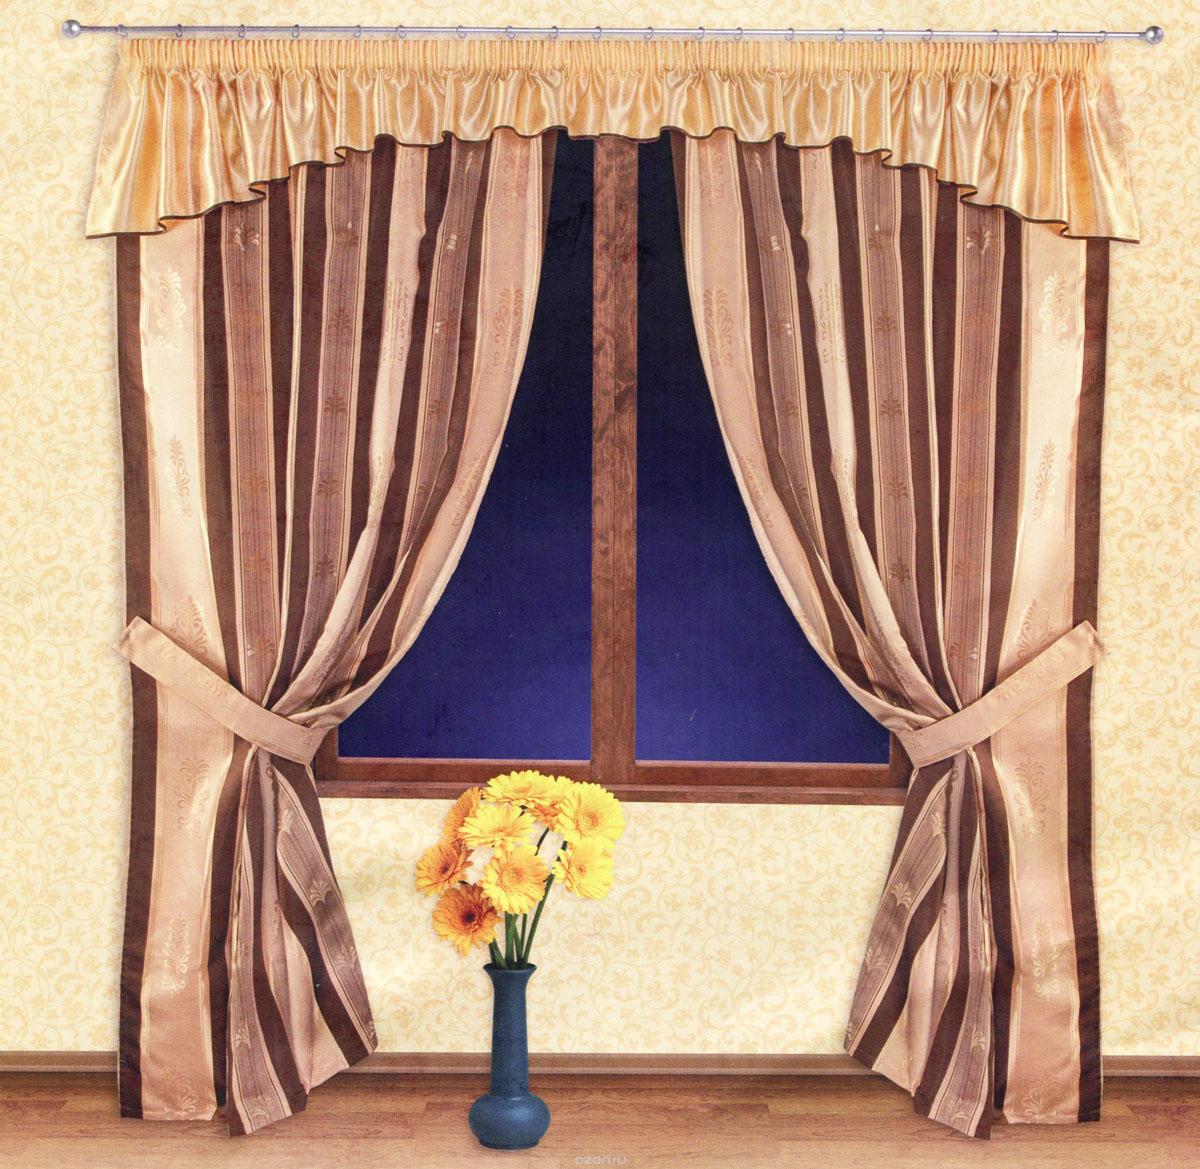 Комплект штор Zlata Korunka, на ленте, цвет: золотистый, шоколадный, высота 250 см. 5551755517Роскошный комплект штор Zlata Korunka, выполненный из ткани барокко и шанзализе (100% полиэстера), великолепно украсит любое окно. Комплект состоит из двух портьер, ламбрекена и двух подхватов. Плотная ткань, оригинальный орнамент и приятная, приглушенная гамма привлекут к себе внимание и органично впишутся в интерьер помещения. Комплект крепится на карниз при помощи шторной ленты, которая поможет красиво и равномерно задрапировать верх. Портьеры можно зафиксировать в одном положении с помощью двух подхватов. Этот комплект будет долгое время радовать вас и вашу семью! В комплект входит: Портьера: 2 шт. Размер (ШхВ): 140 см х 250 см. Ламбрекен: 1 шт. Размер (ШхВ): 400 см х 50 см.Подхват: 2 шт. Размер (ШхВ): 60 см х 10 см.